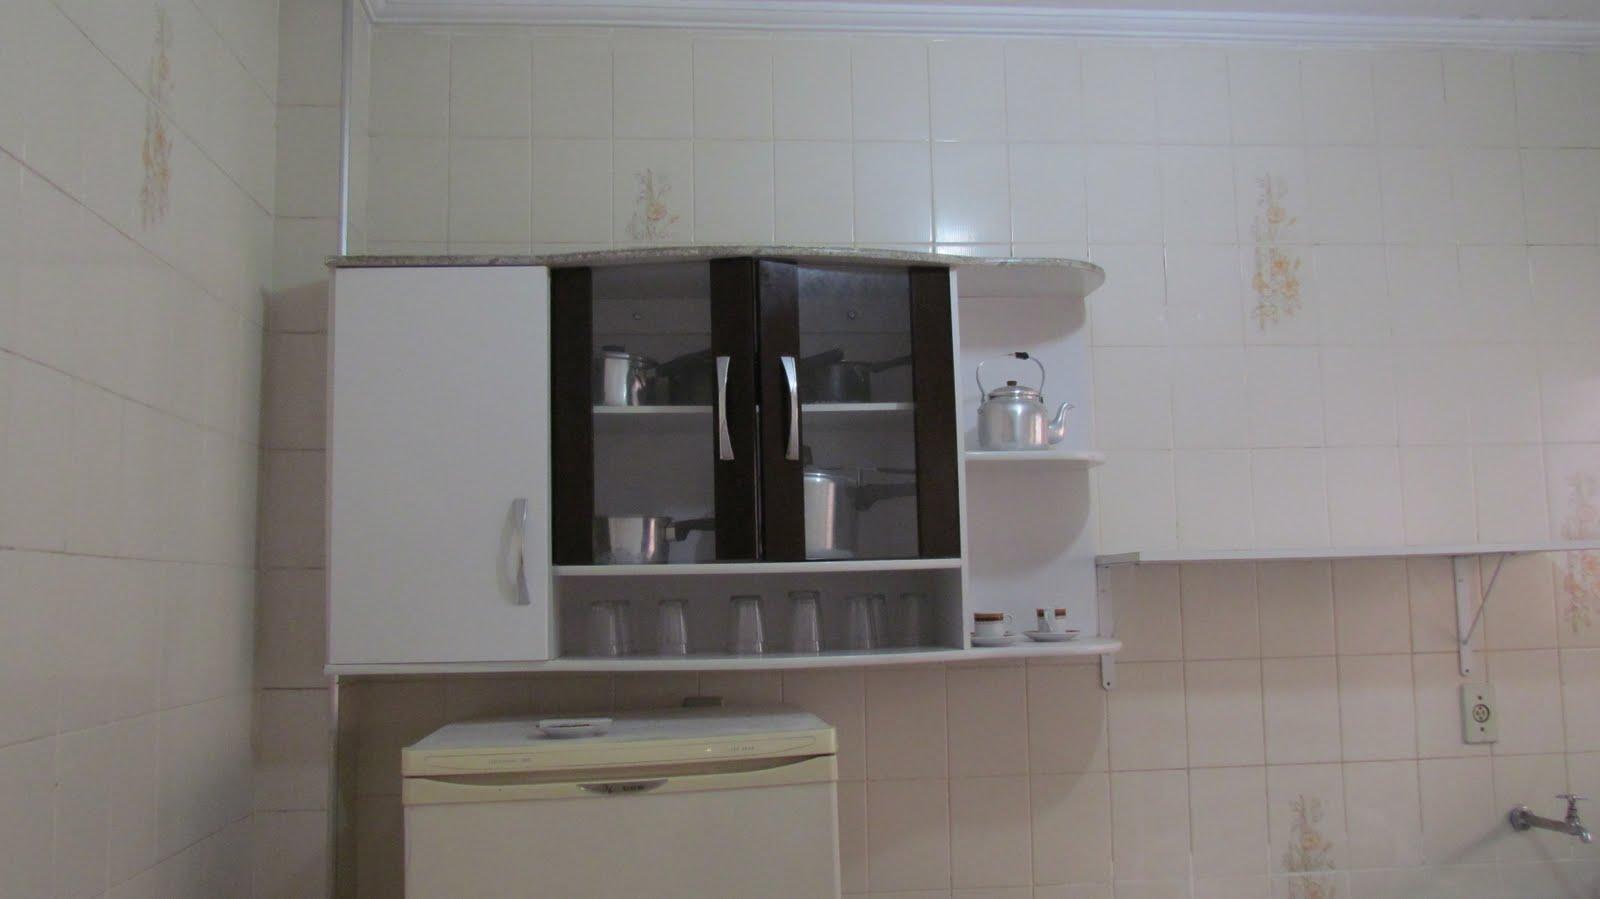 #5A6372 APARTAMENTO 1 DORM FRENTE PARA O MAR AVIAÇÃO  : August 2006 1508 Toldos Para Janelas De Apartamentos